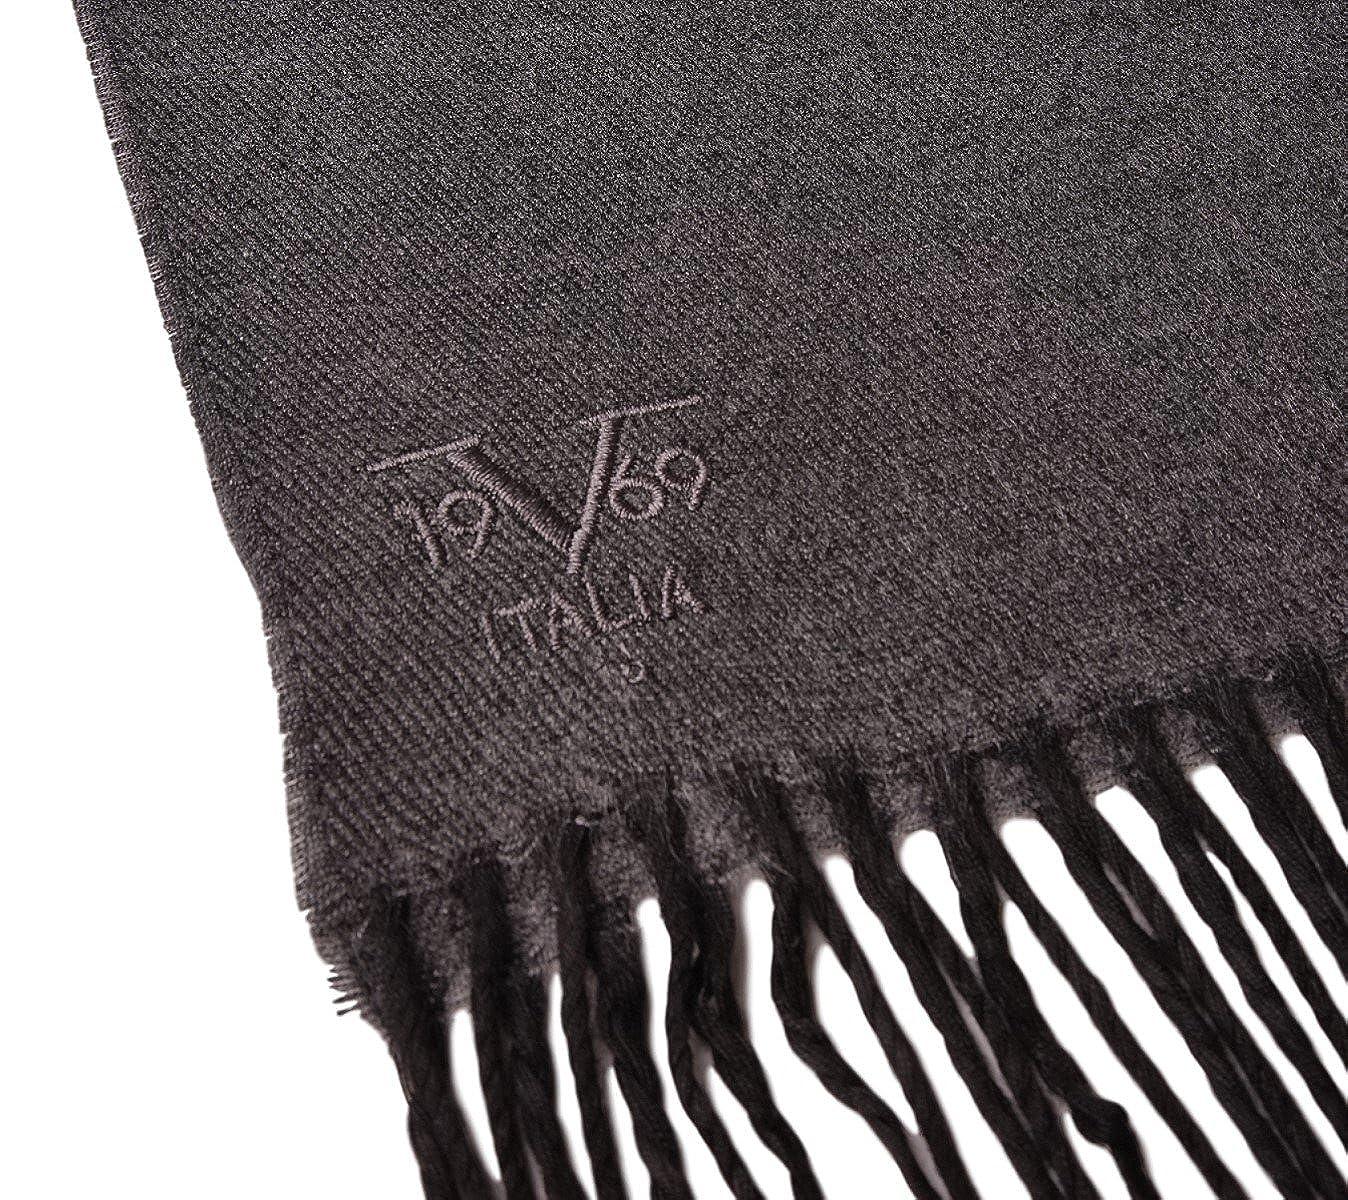 V1969 by Versace 19.69 Echarpe Homme Cachemire laine viscose chaude douce  avec sa pochette cadeau couleur Anthracite  Amazon.fr  Vêtements et  accessoires 9c1db7da38fe